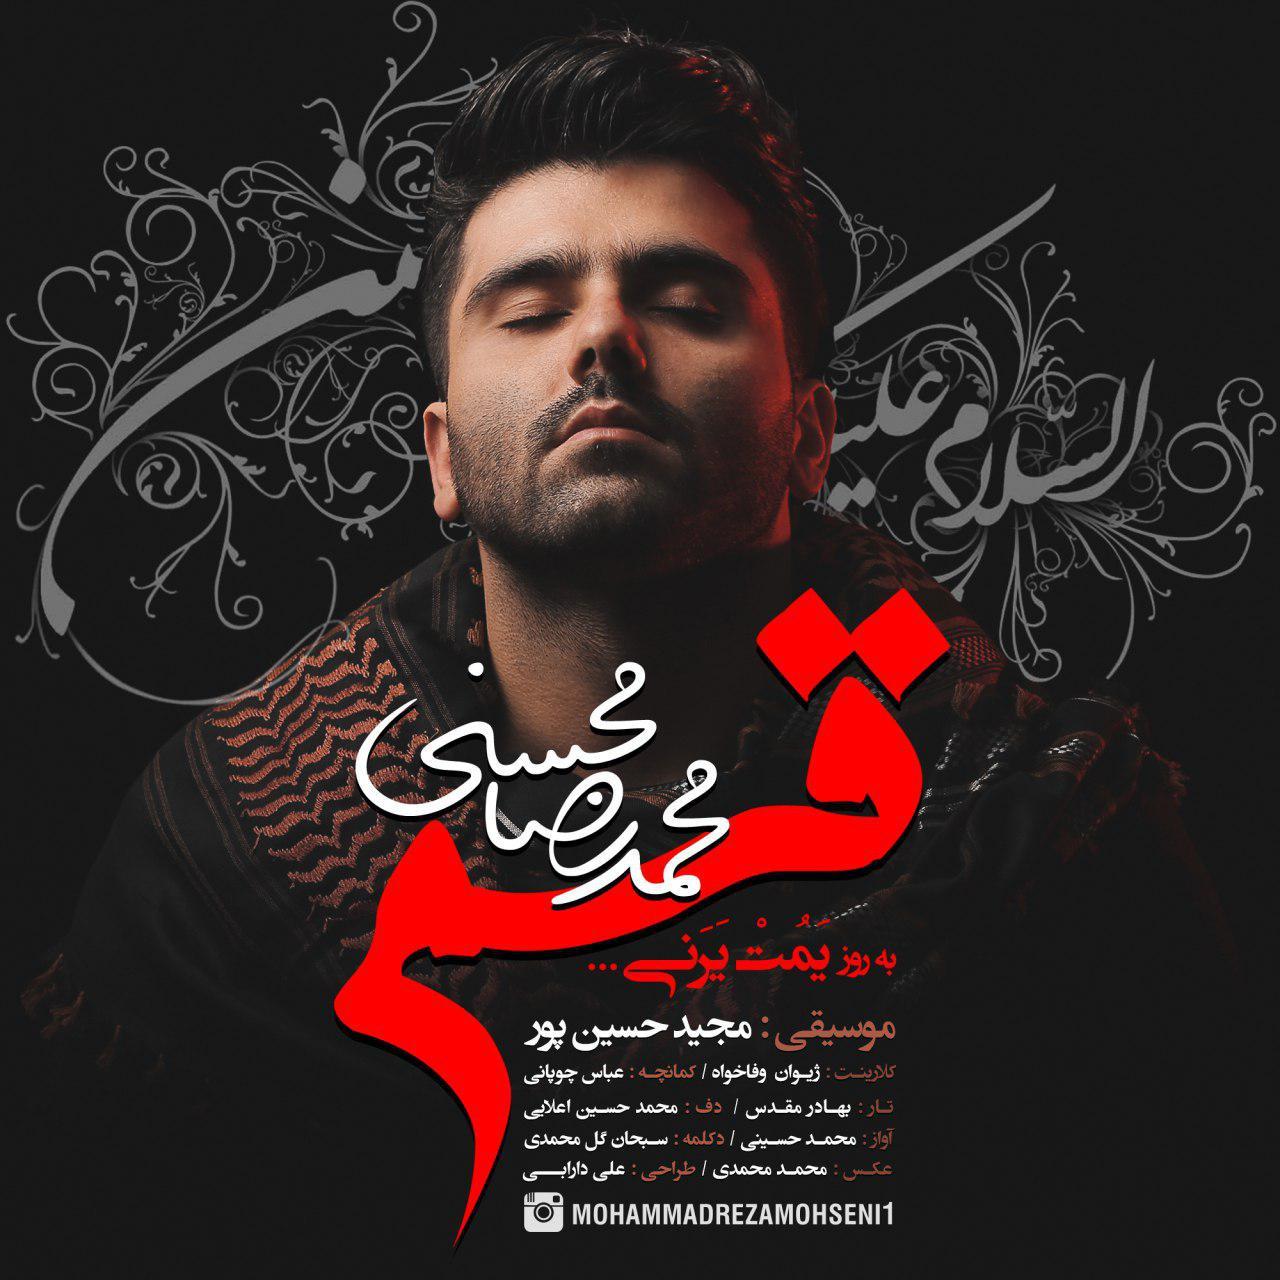 دانلود آهنگ جدید محمدرضا محسنی به نام قسم